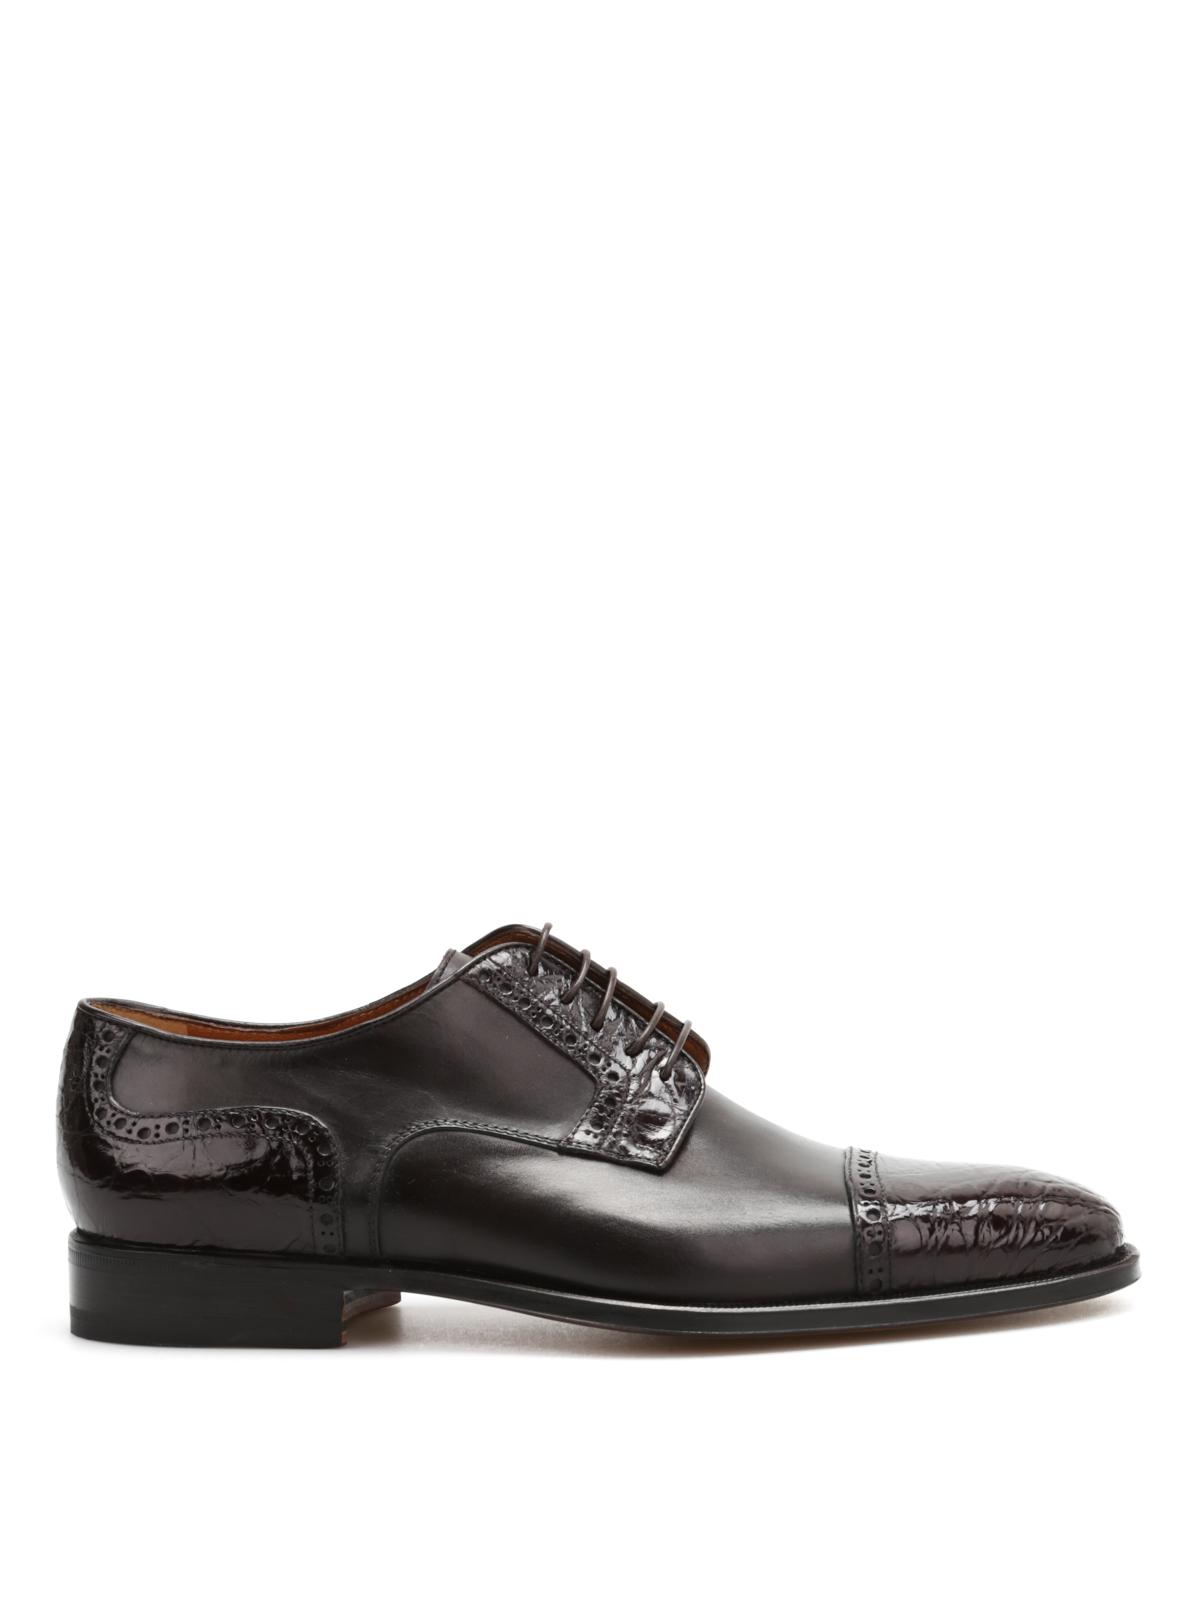 Corneliani Classique Chaussures À Lacets - Marron xrgkMag